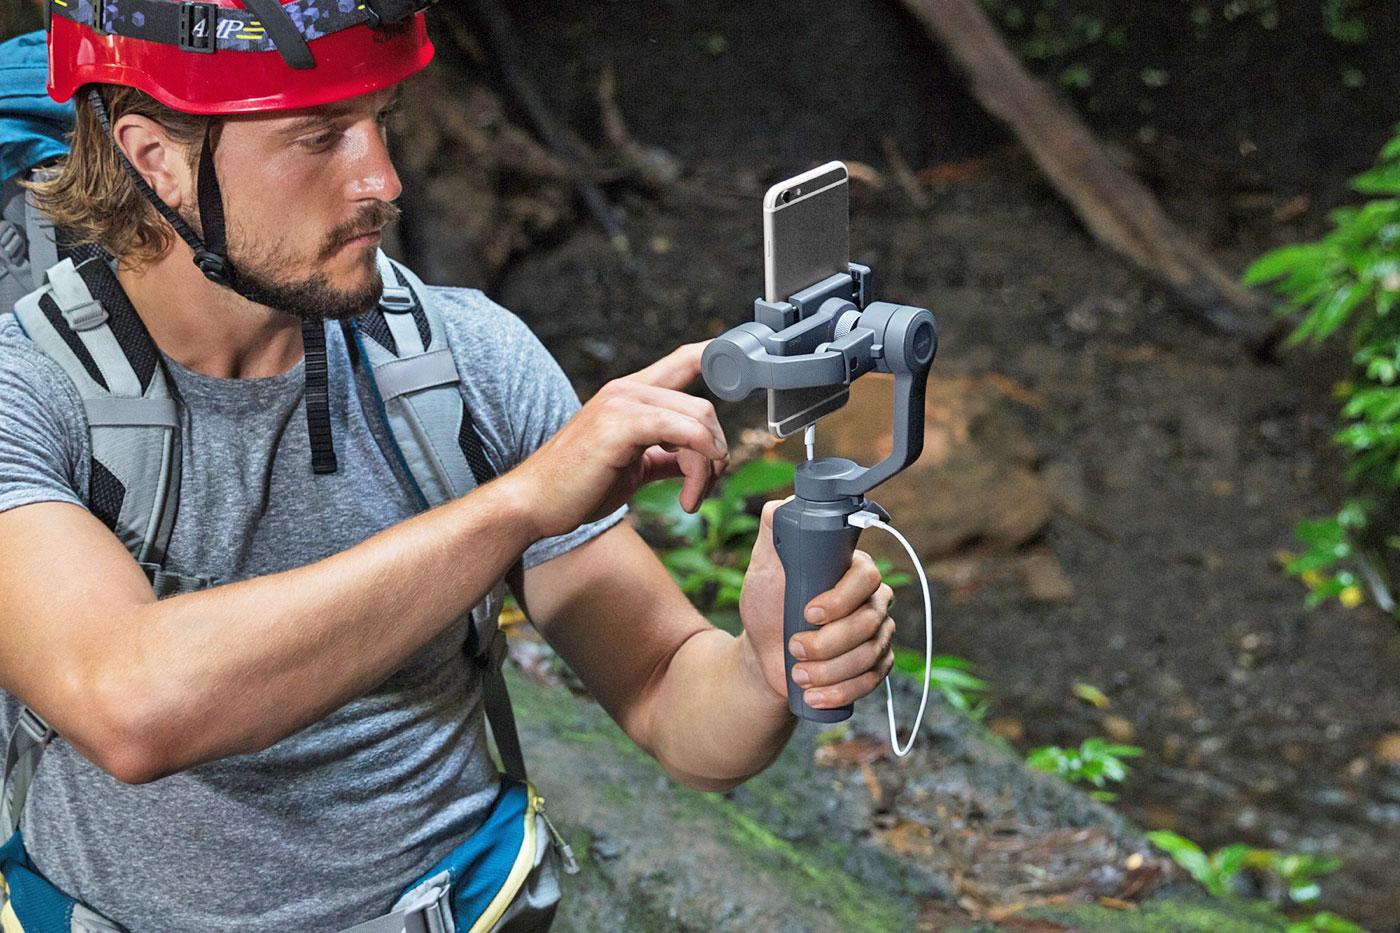 El nuevo estabilizador para móviles de DJI es más barato y más completo